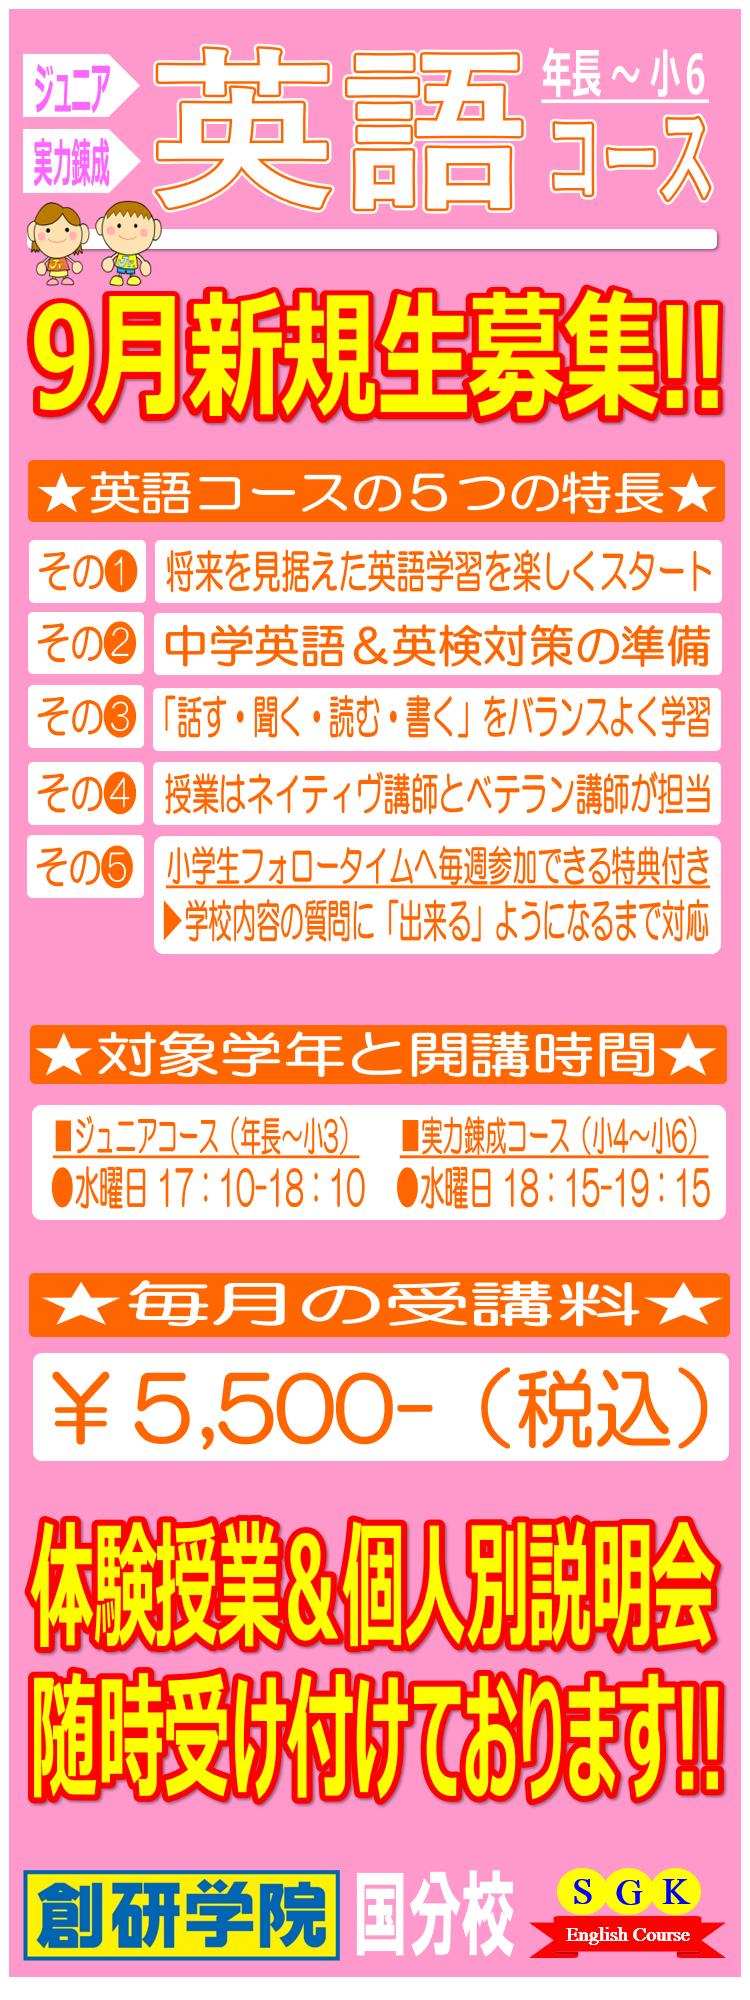 英語コース〈年長~小6〉 9月新規生募集 !!